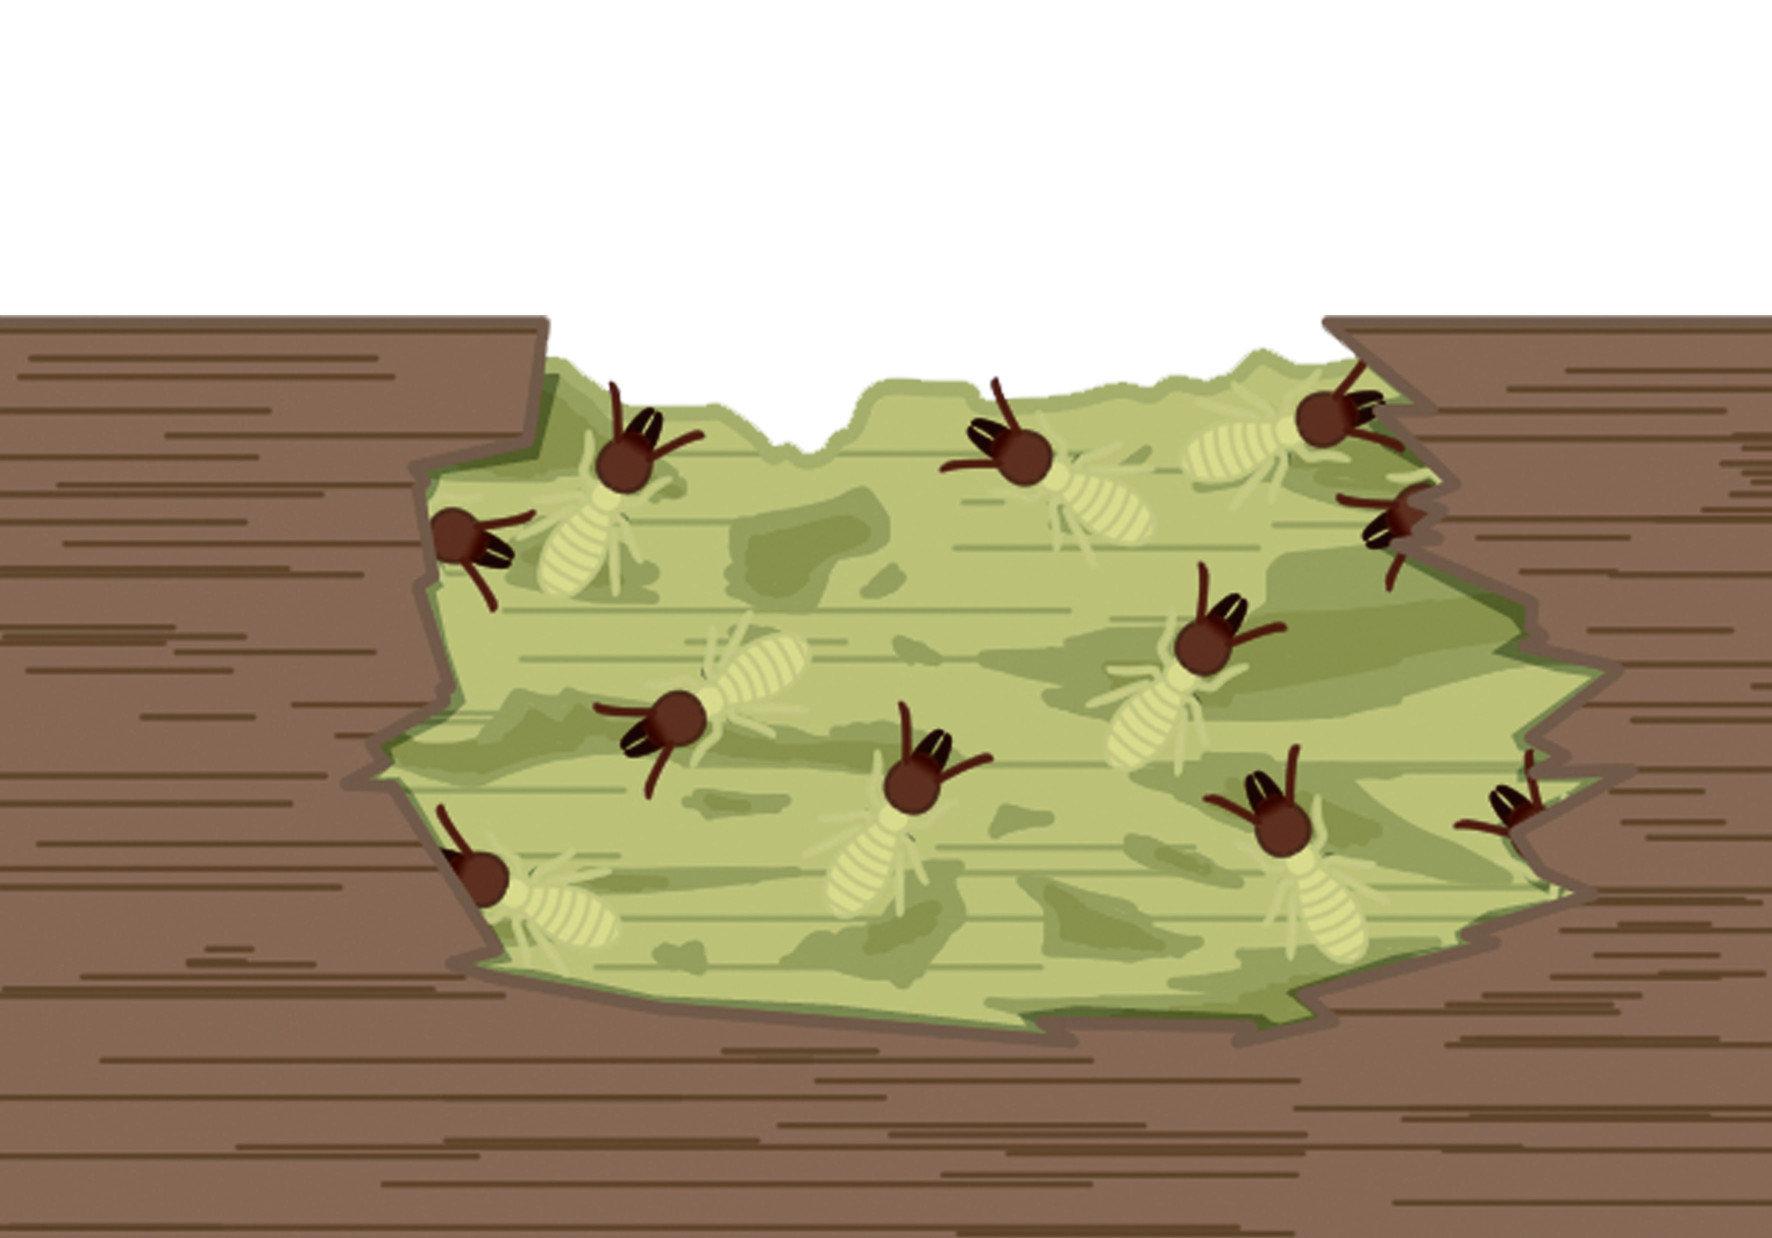 白蟻在住宅繁殖的主要原因是,住宅有豐富的木材與紙類提供白蟻取食。 白蟻喜歡潮濕的木材與紙板,住宅對於白蟻來說,可以算是一個寶庫。 白蟻通常生活在地面與樹木中,但是它是如何入侵住宅的呢 ? 一般都是經由窗戶、管道或是移入的木材以及牆壁的裂縫等中入侵。 在找尋到食物的白蟻,會散發出特有的費洛蒙,通知其他同伴有食物 於是災害就不經意的擴大了。